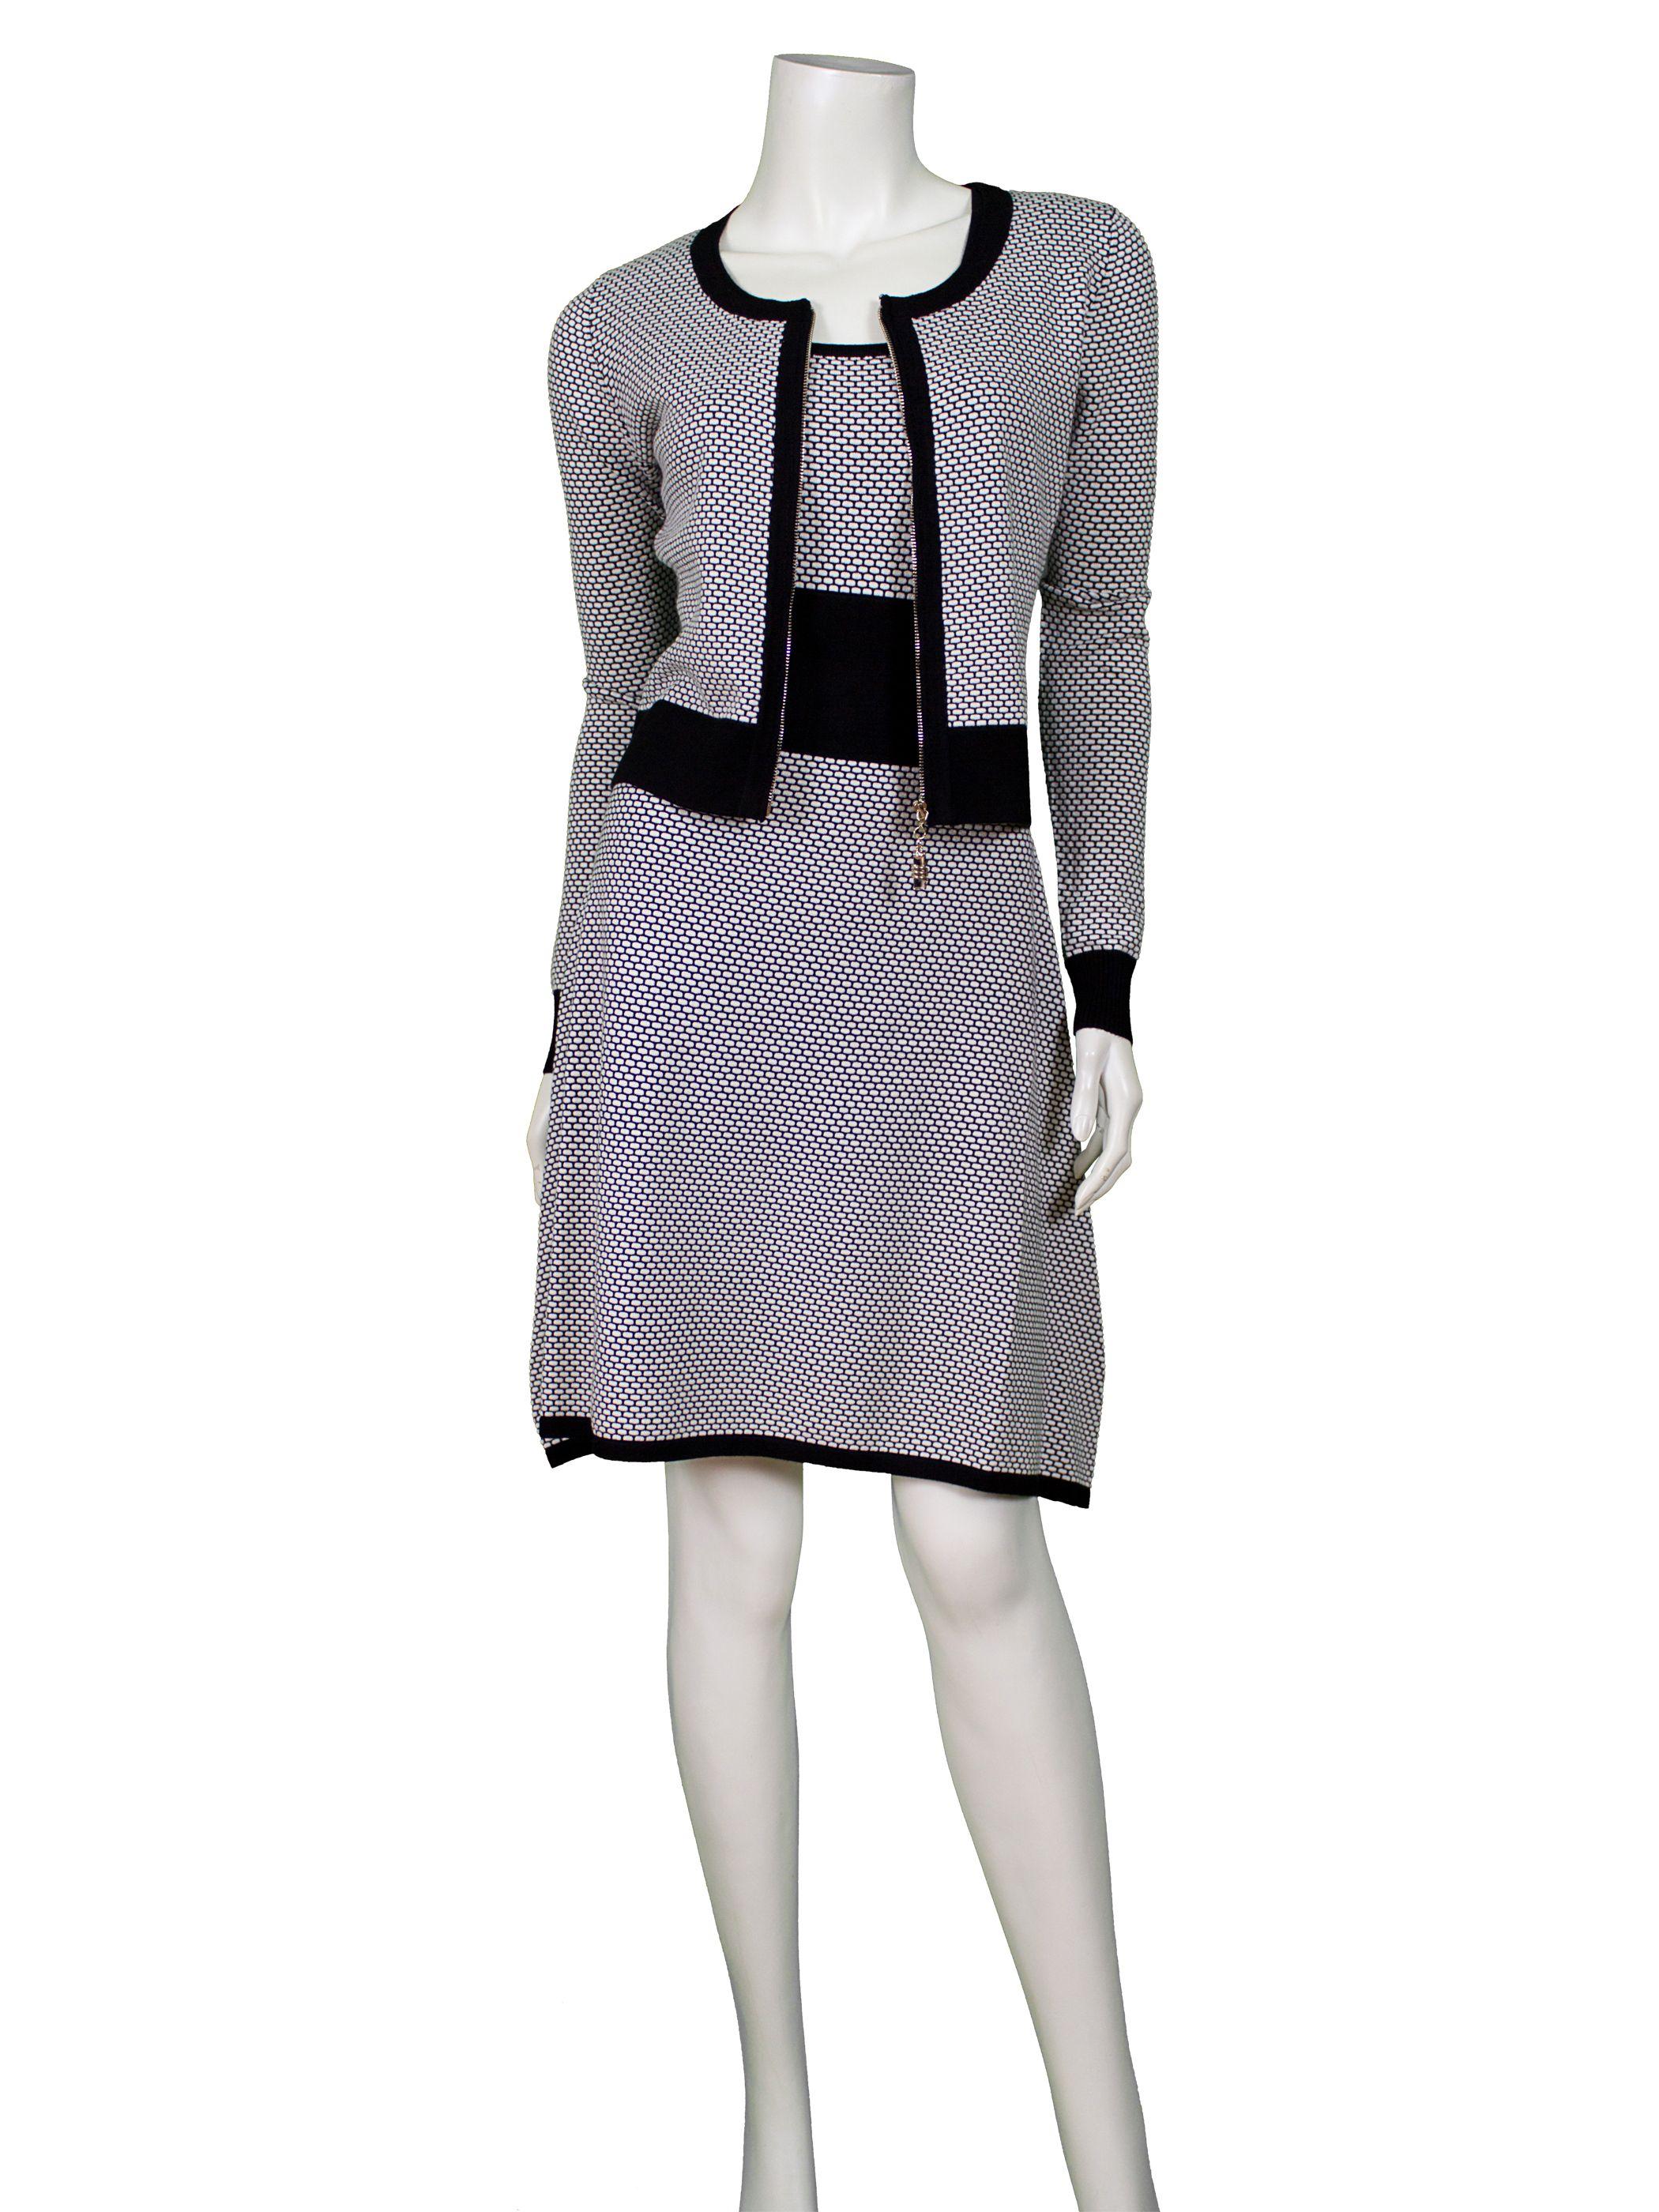 strick kleid 2-tlg., schwarz silber - online shop